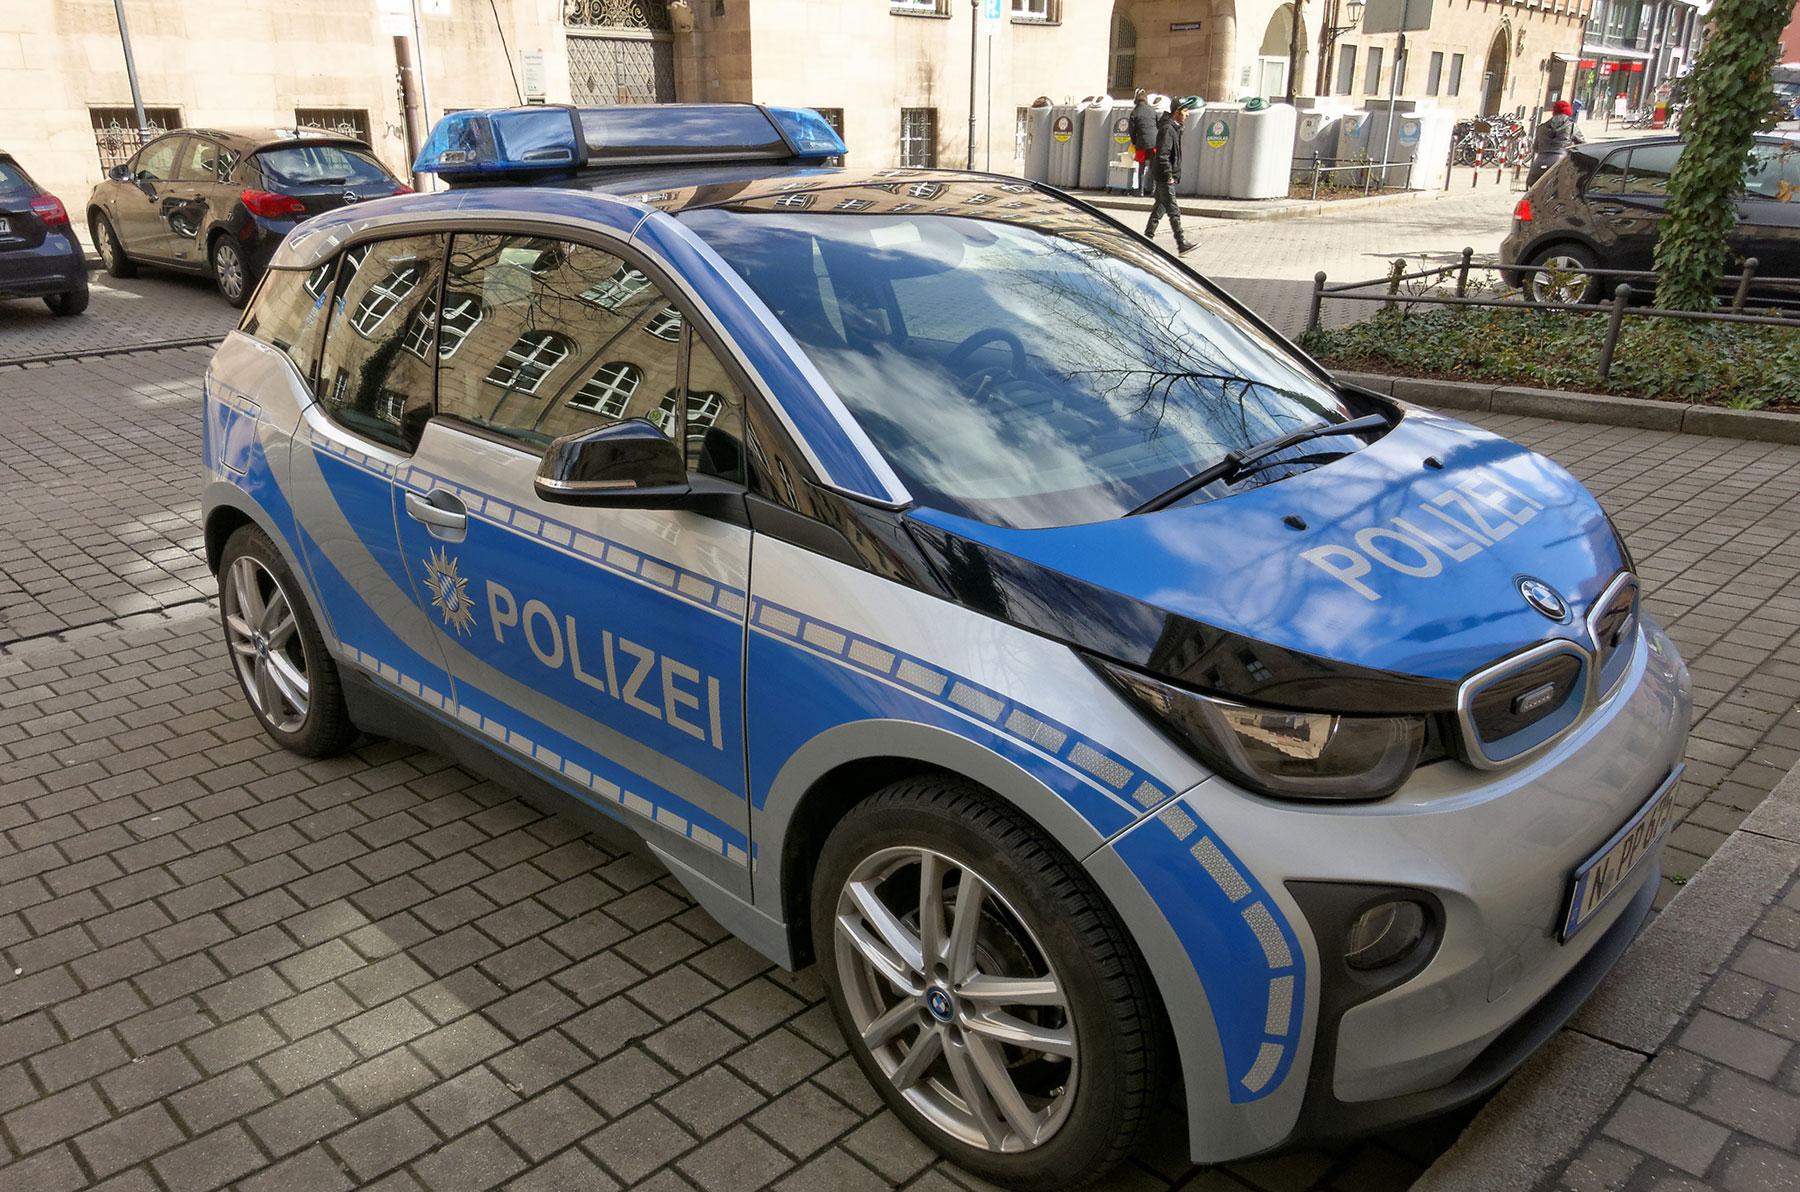 Dienstag-News: Daimlers Vorstand und die Naivität, Polizei mag keine Stromer, Rivian Preise, das teure Elektroauto